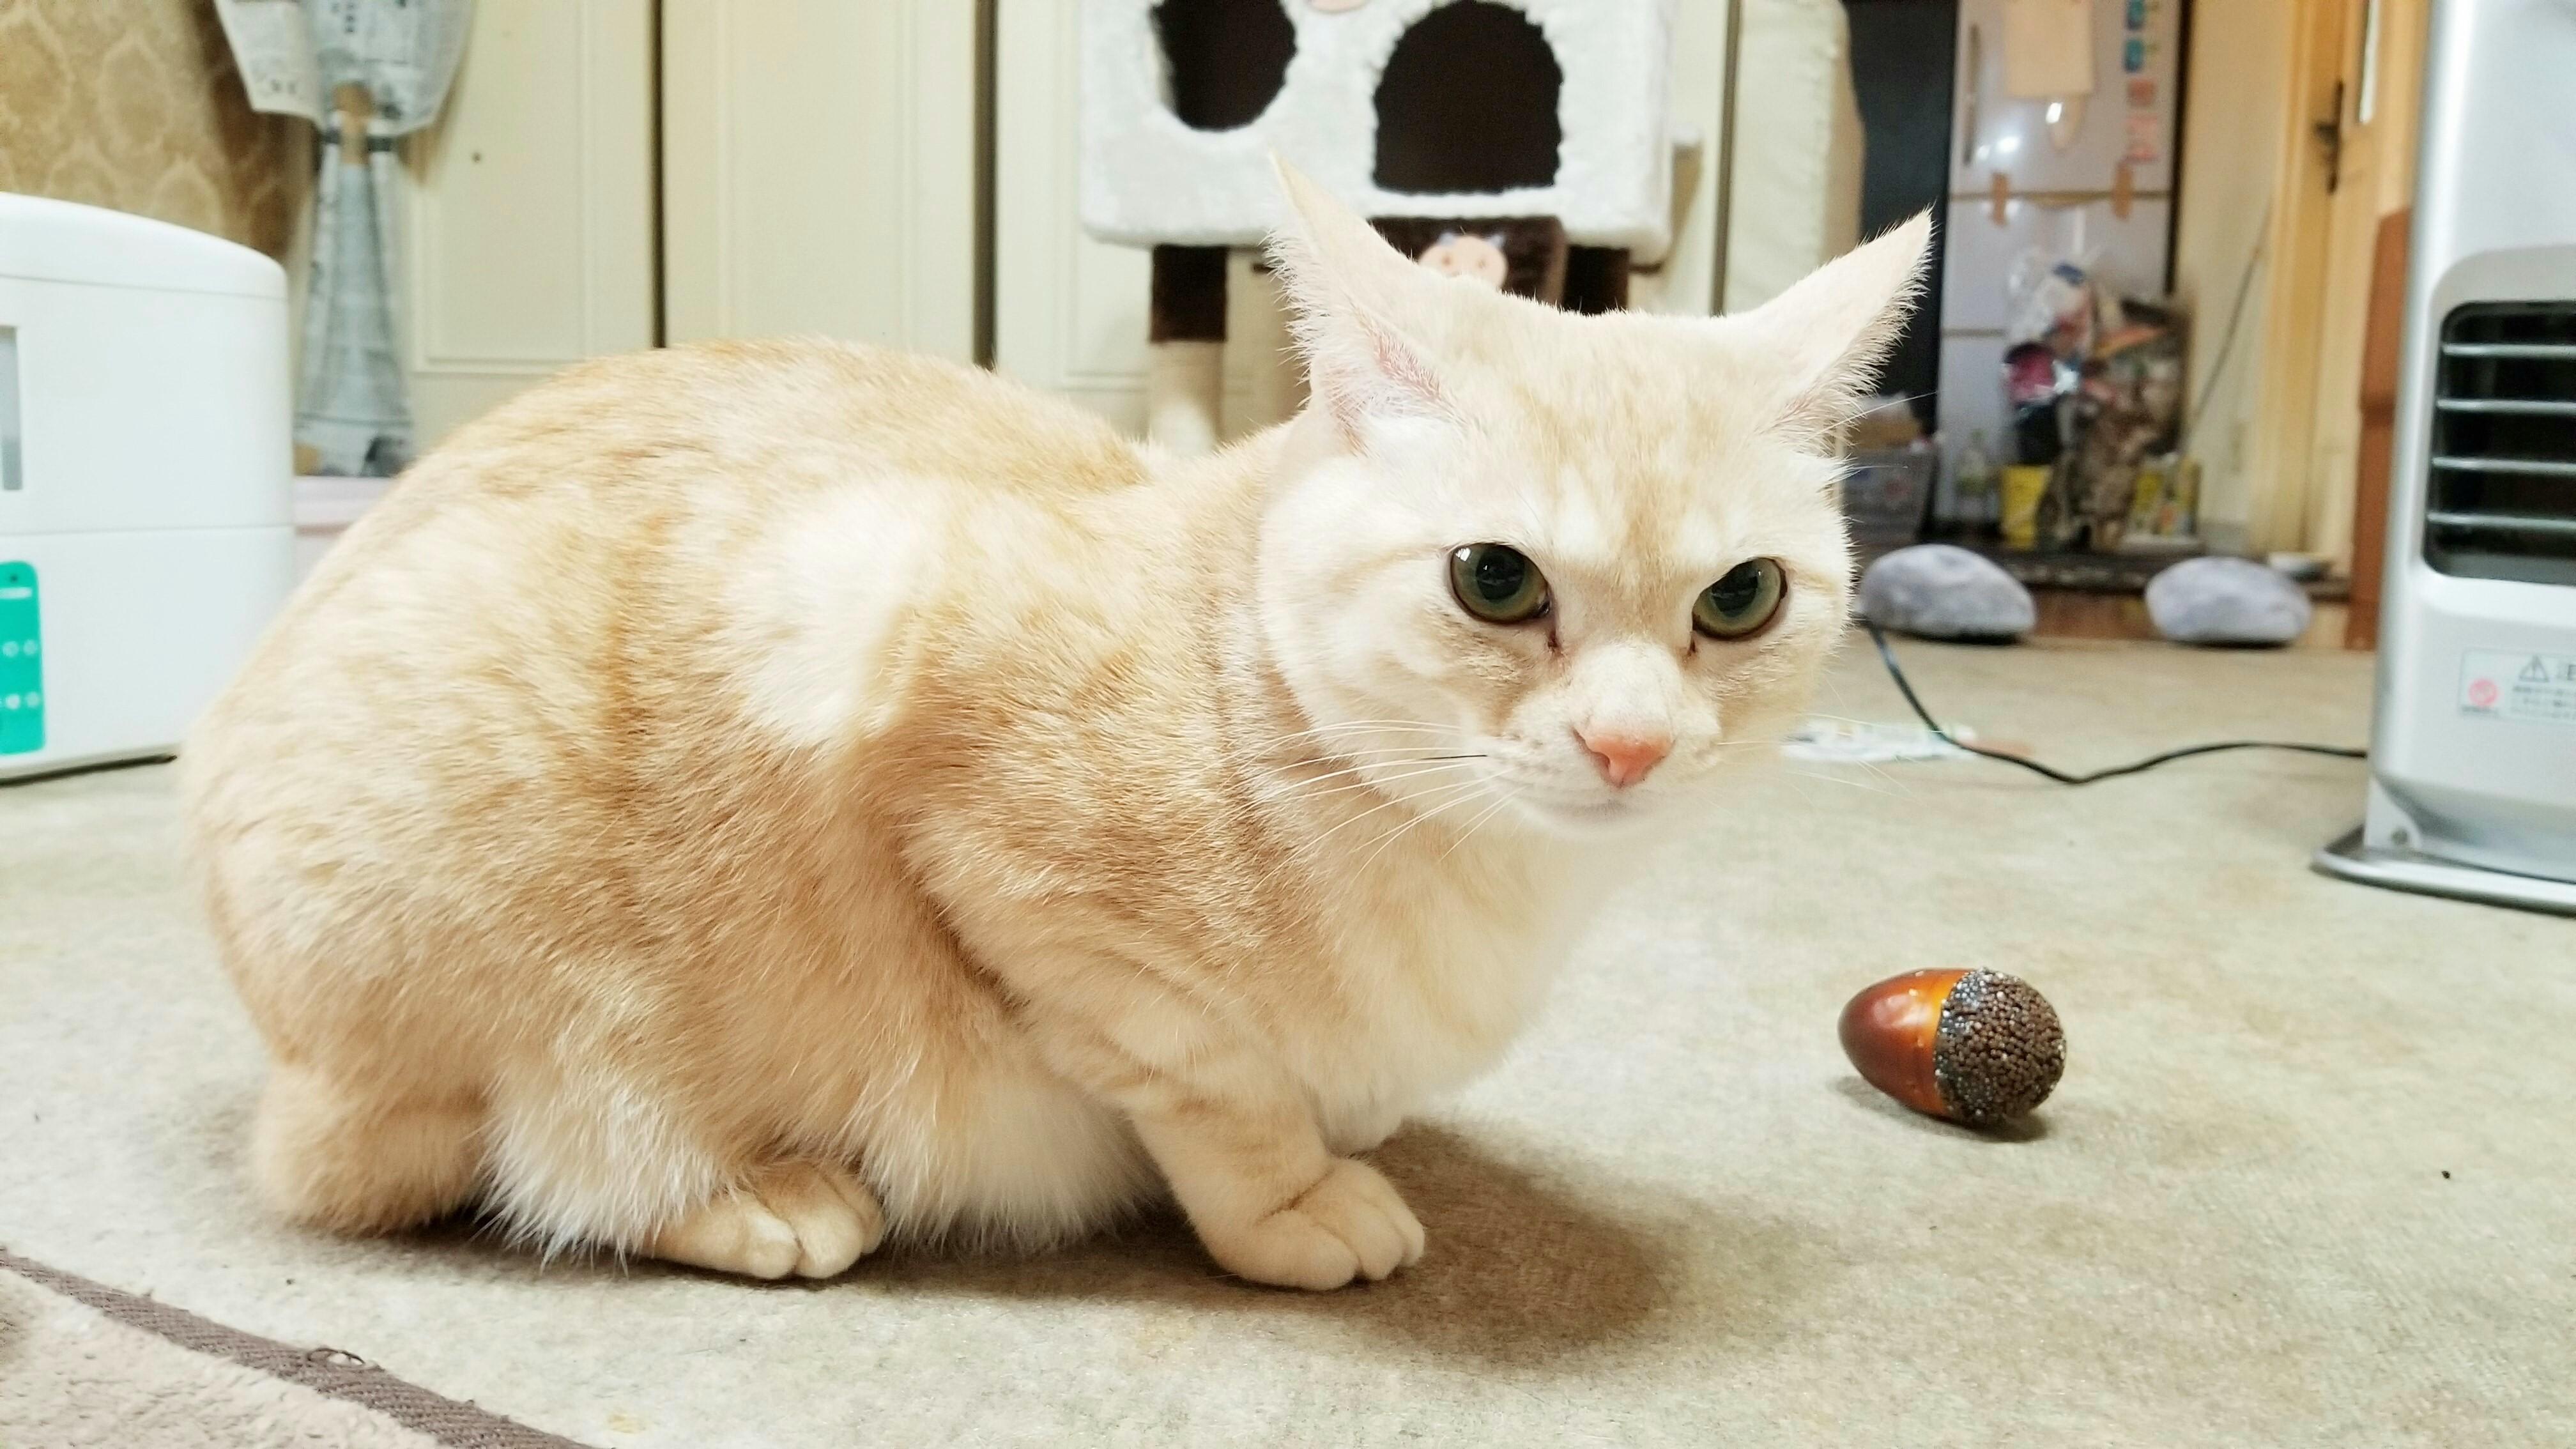 可愛い家猫にゃんこラブ好き白茶色ぬいぐるみみたい綺麗わがままな